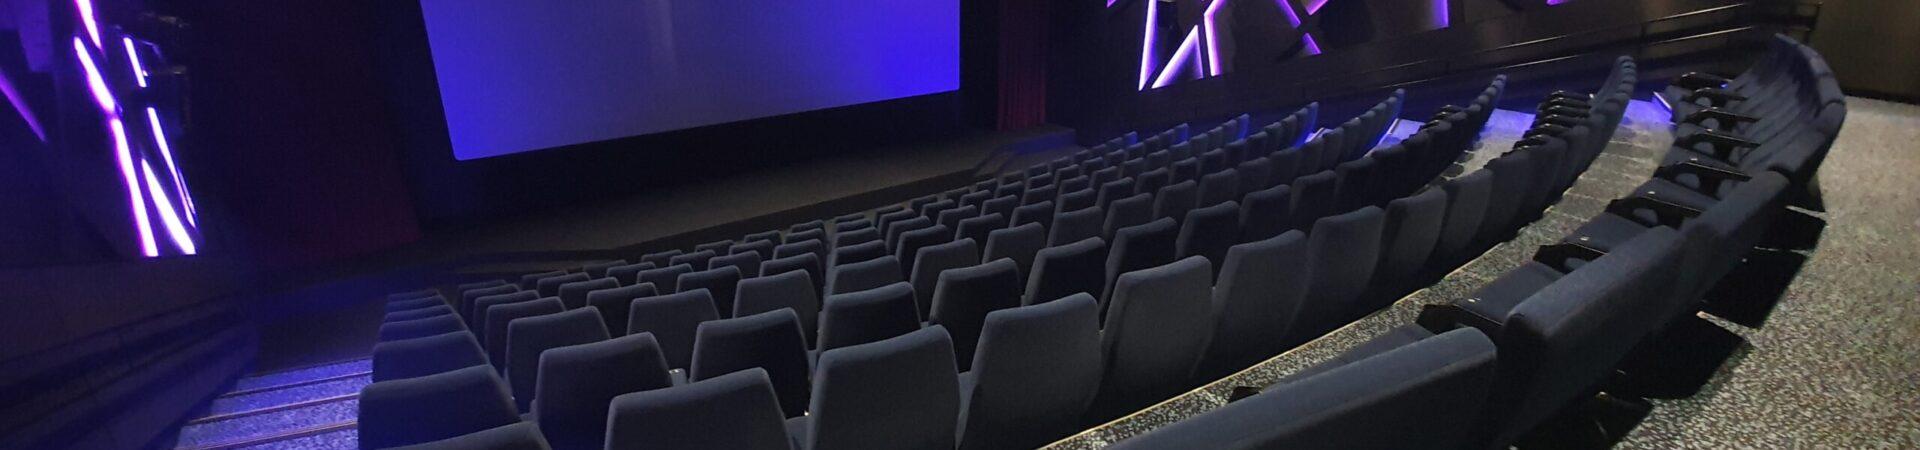 Thule Kino, Thule kinosaal